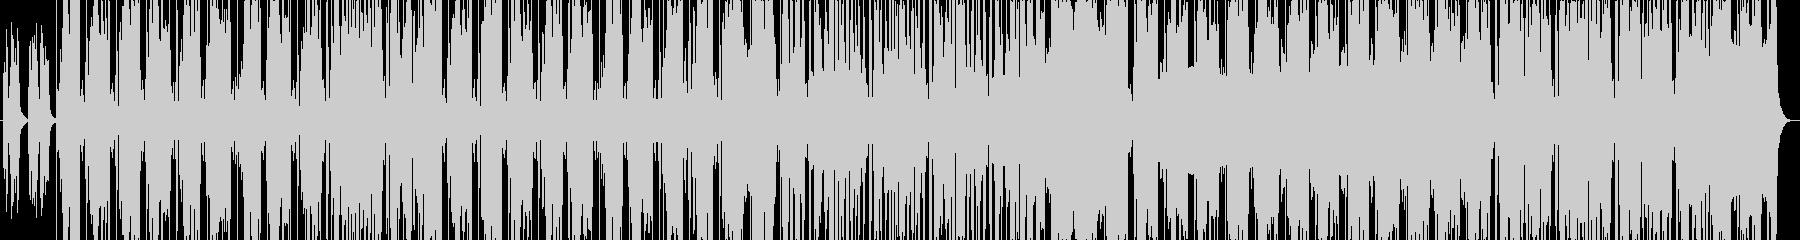 夕方~夜用のジャズ・フュージョンの未再生の波形